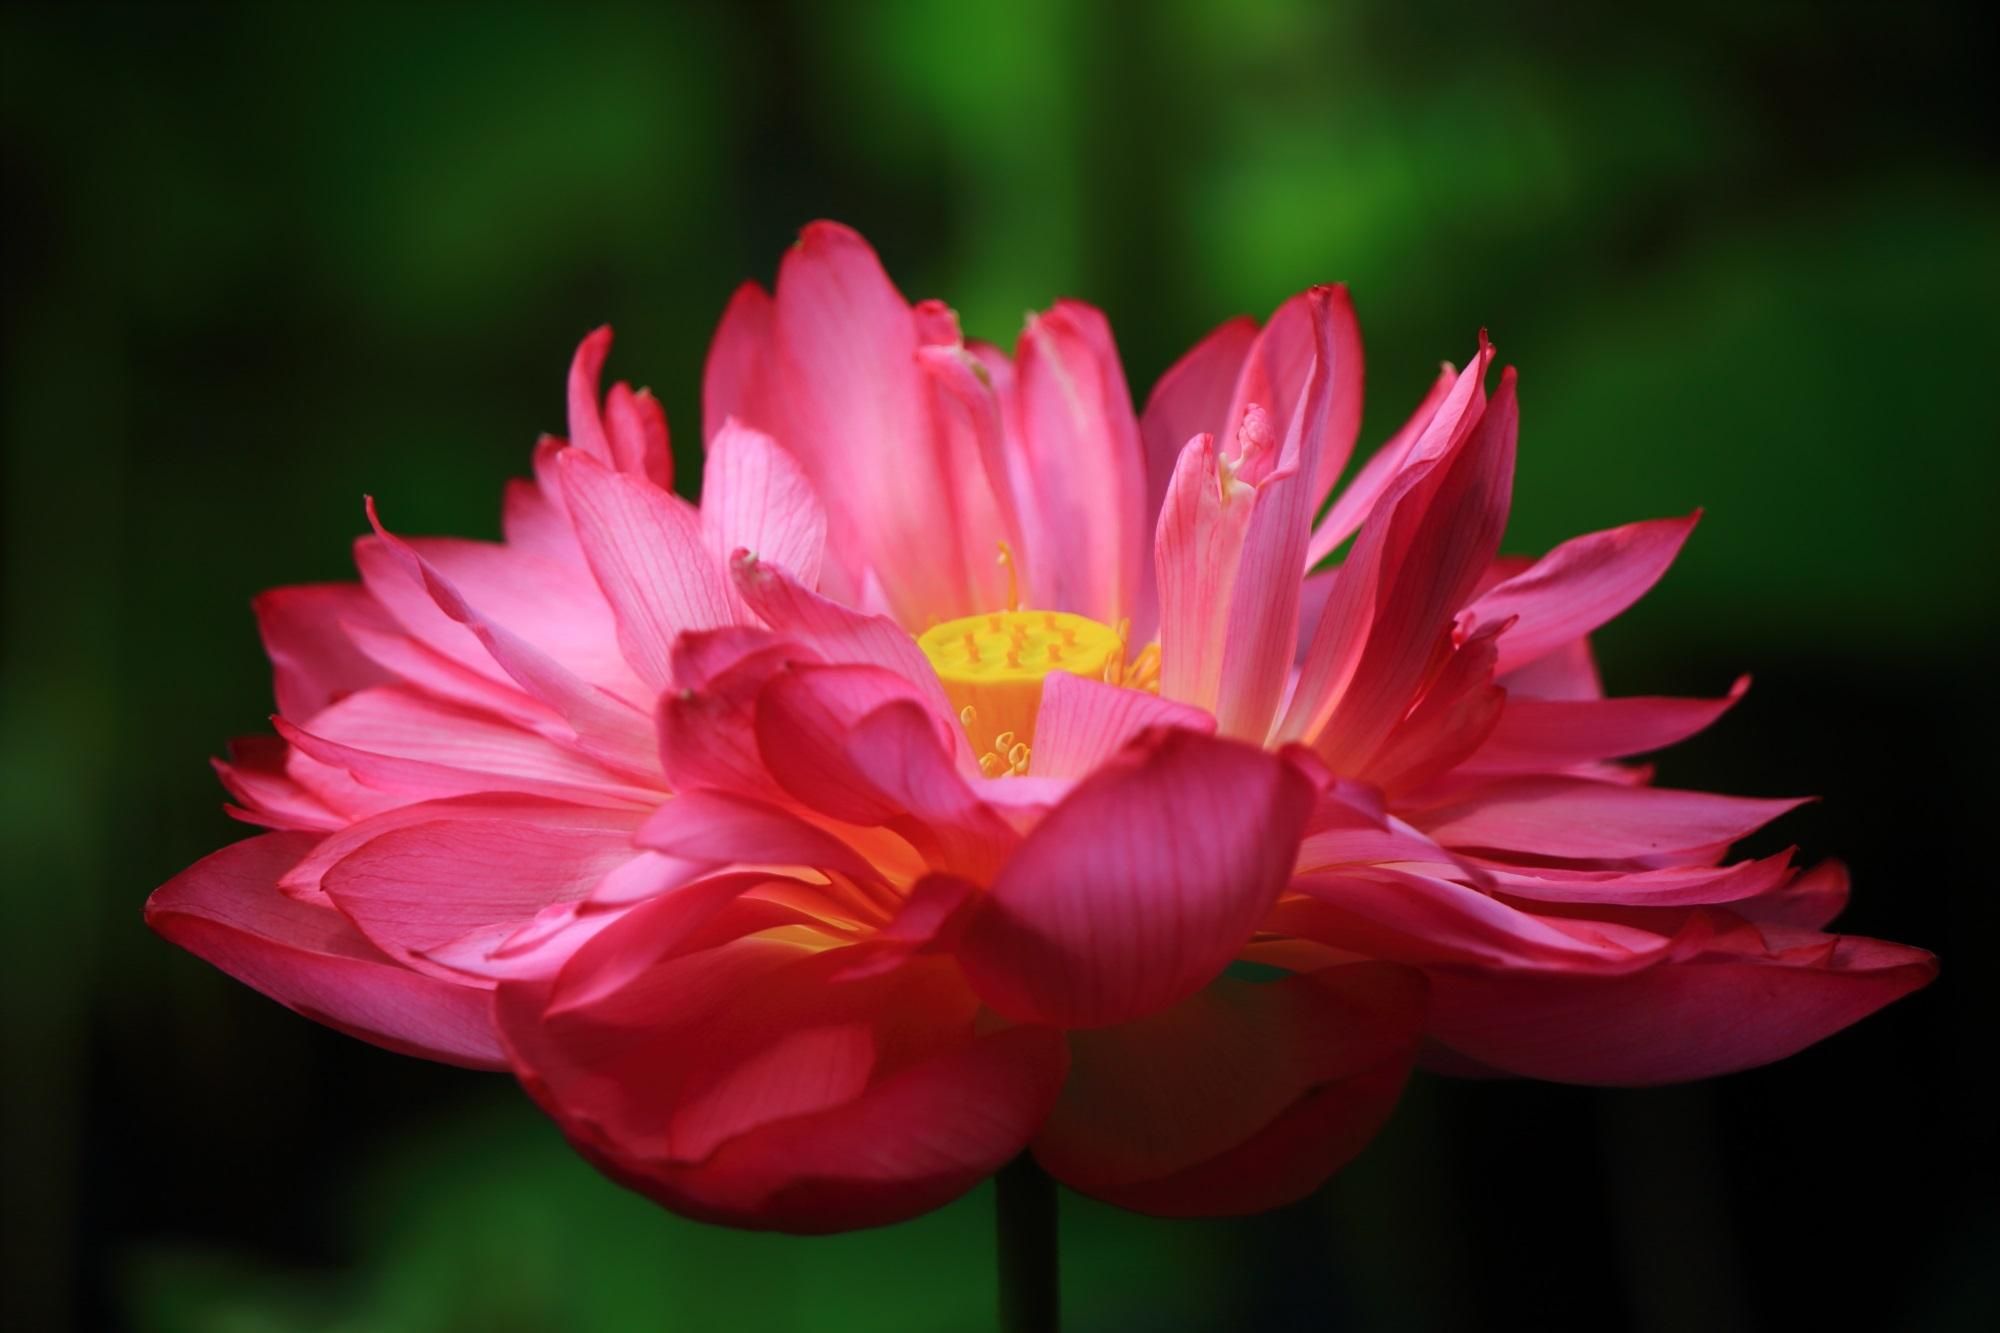 勧修寺の優雅に咲き誇る絶品の蓮の花